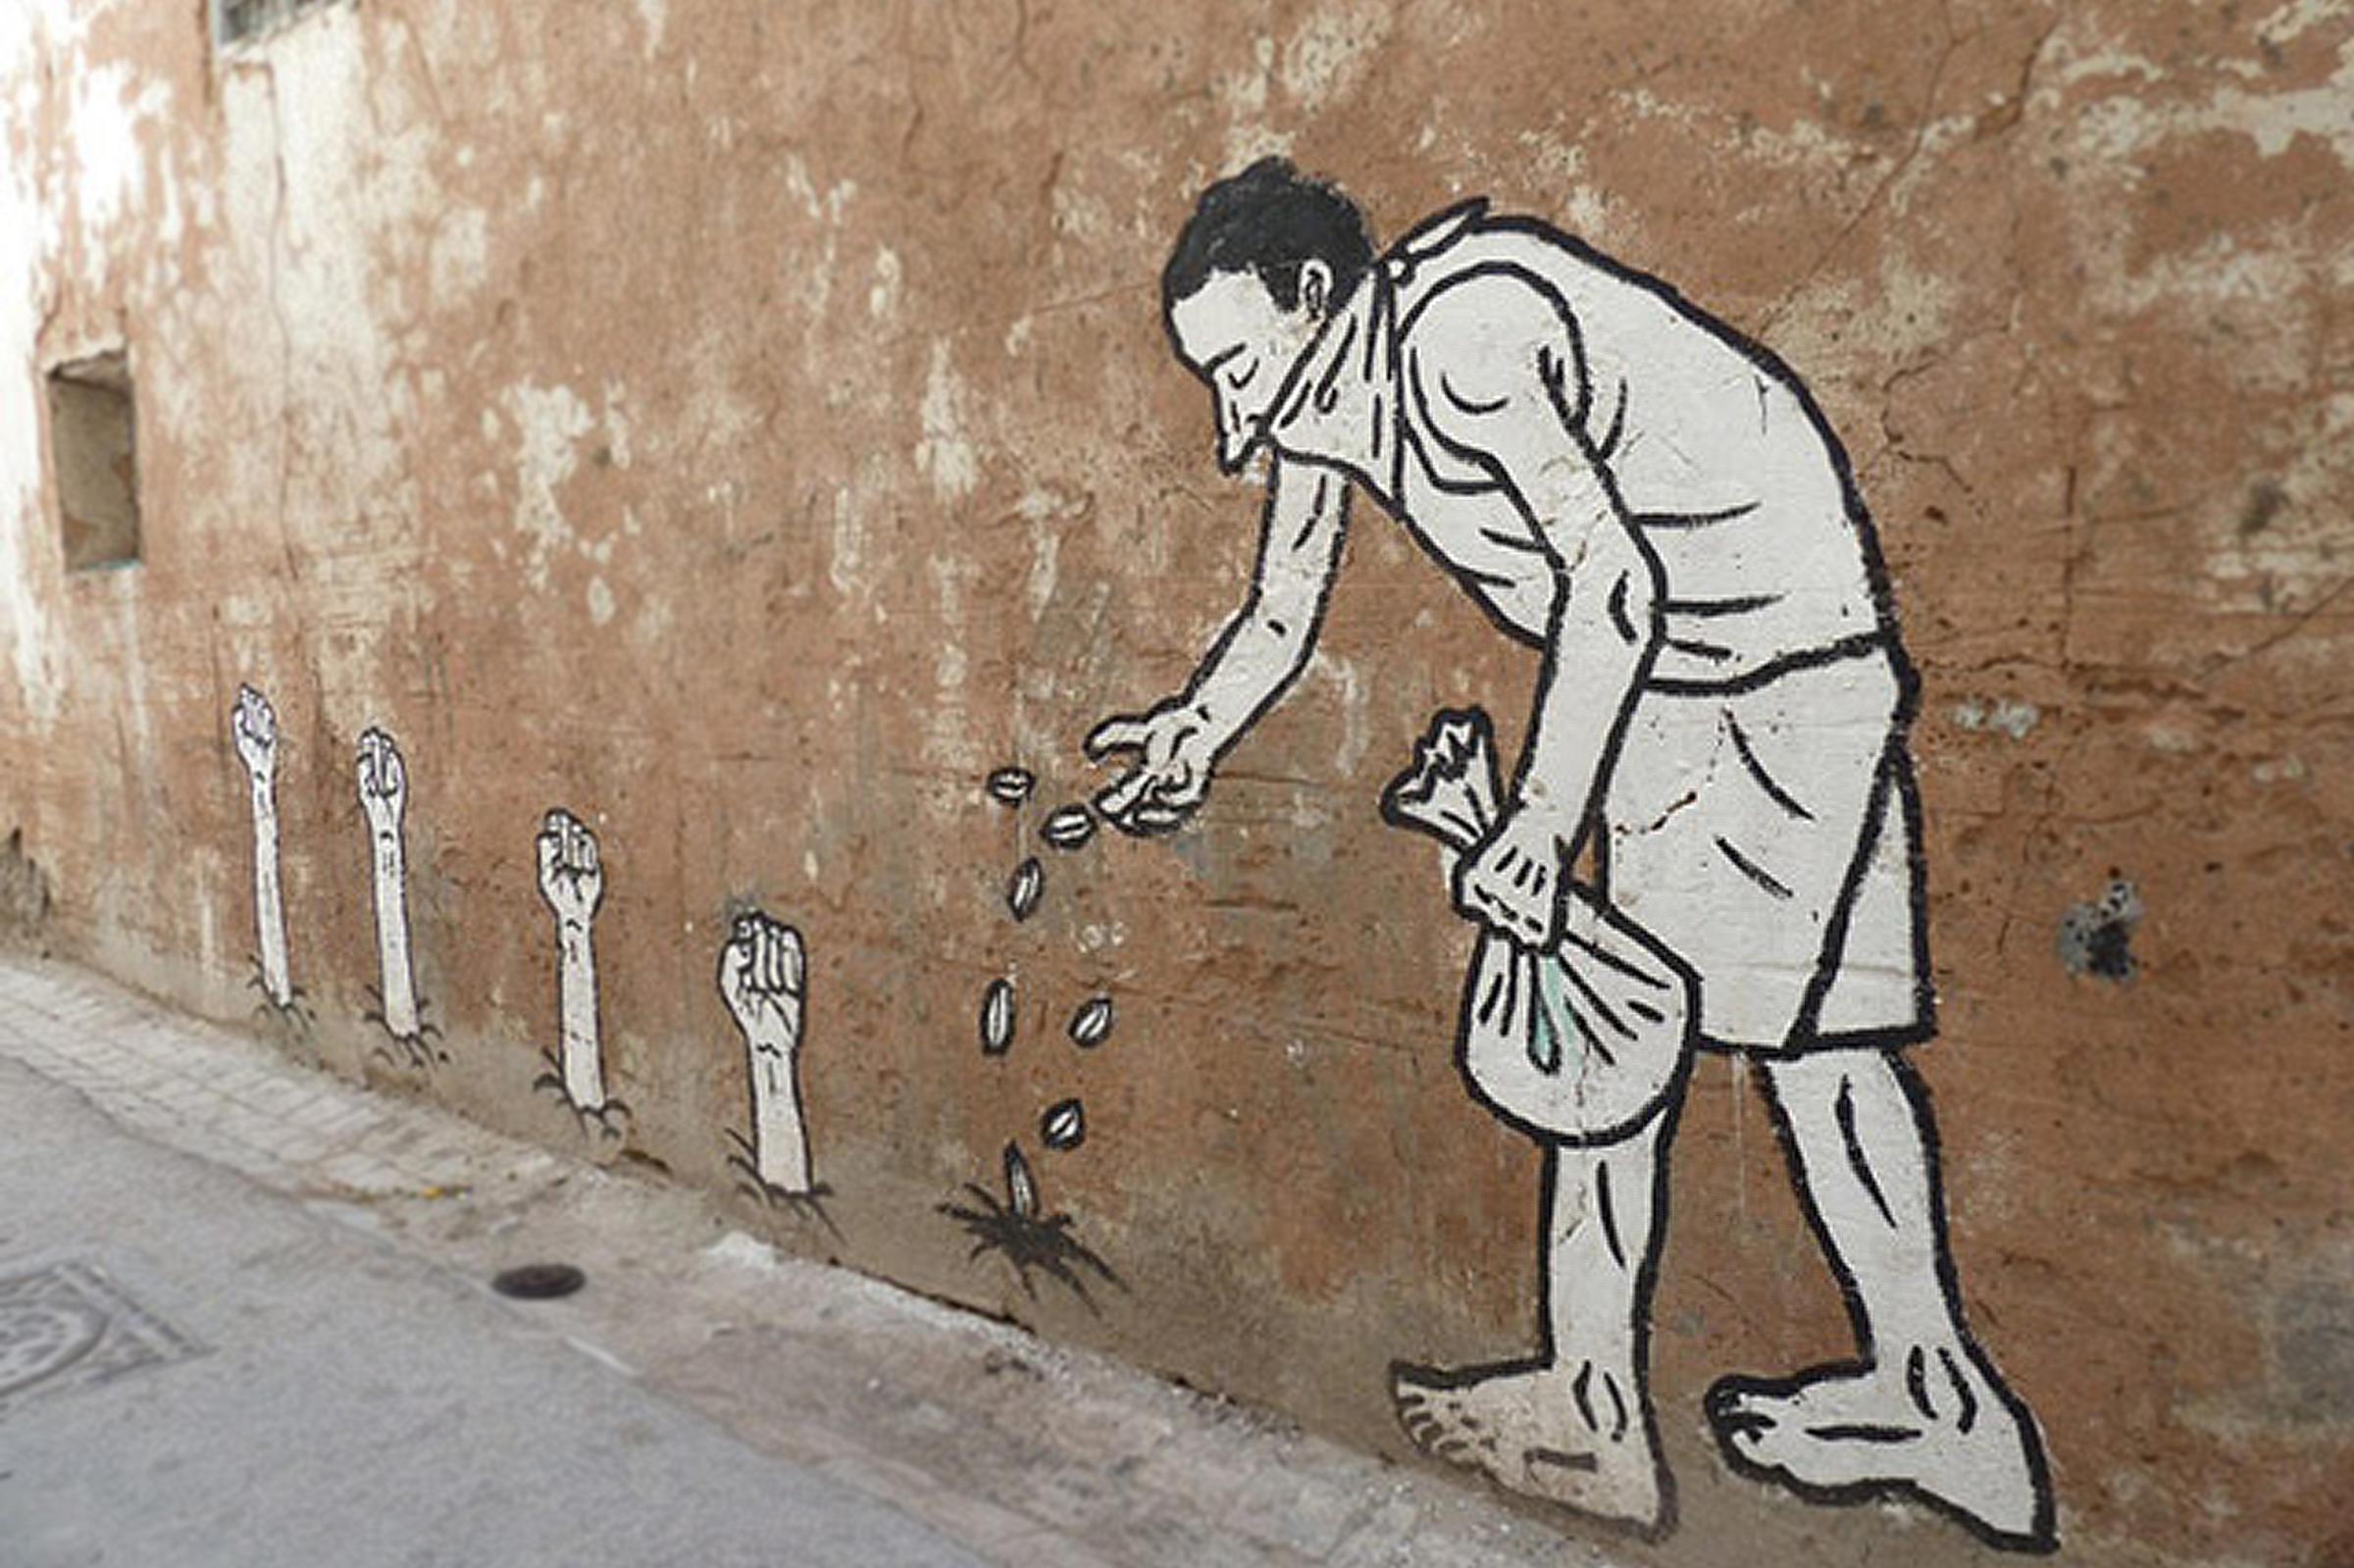 tunis-muralfist